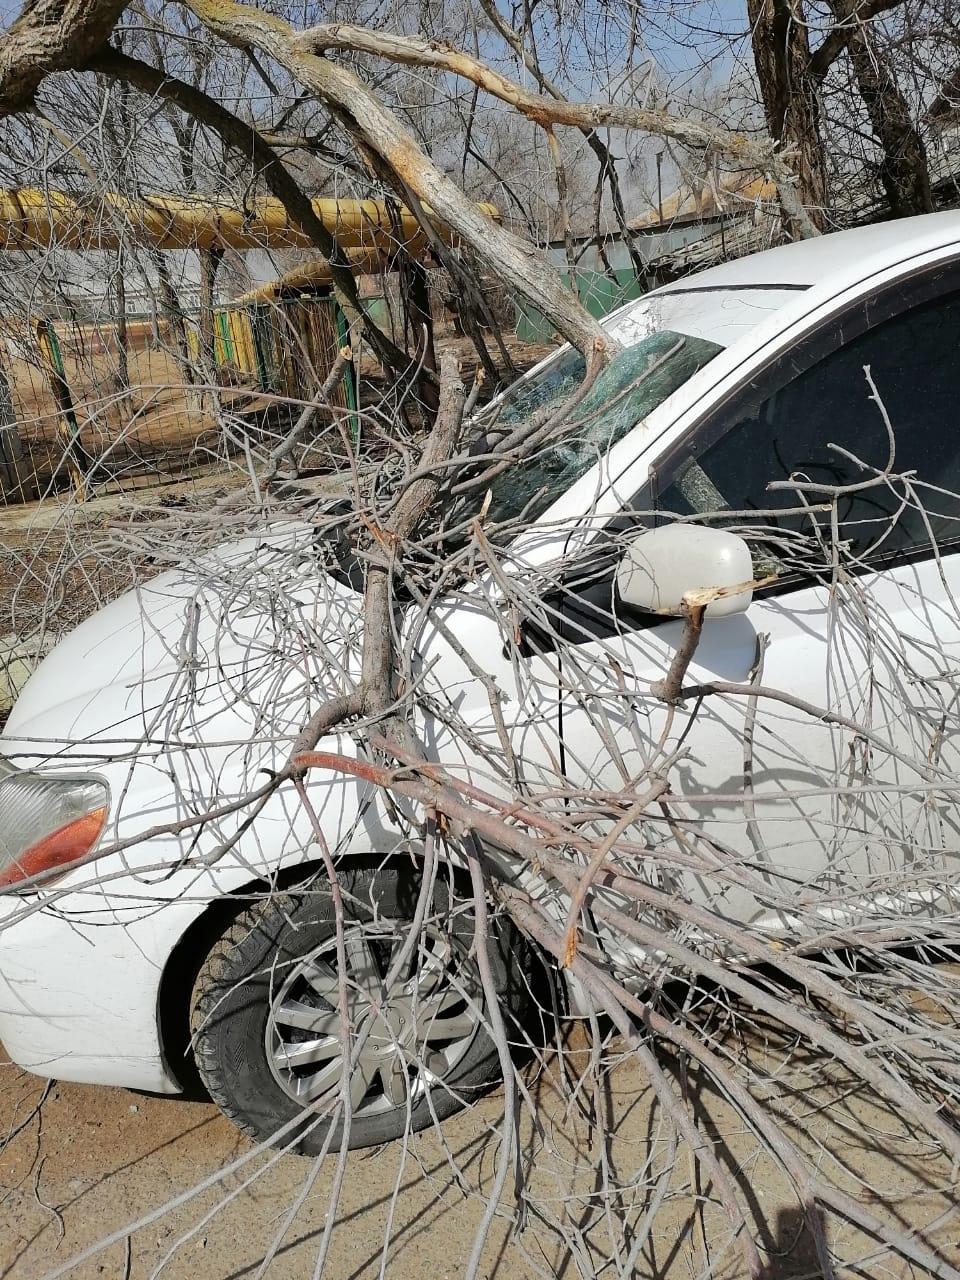 и авто 3 В Астрахани сухое дерево пронзило припаркованный автомобиль